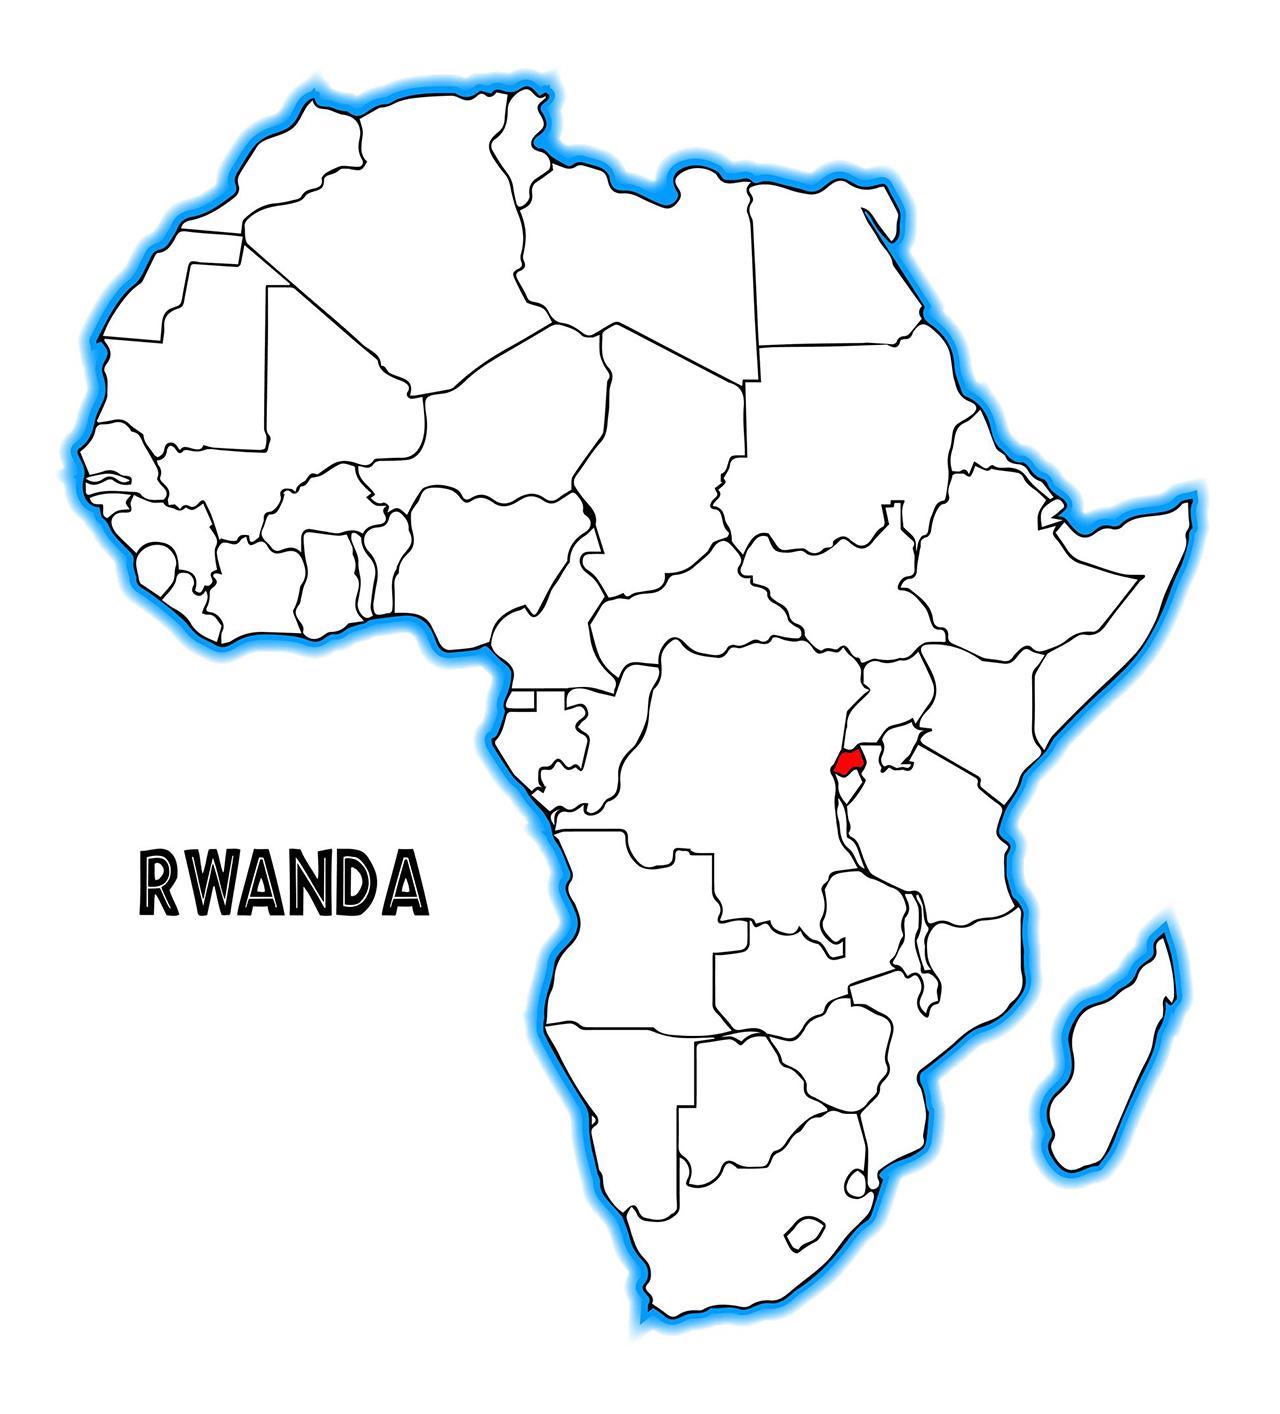 アフリカの地図。赤く塗られているのがルワンダ